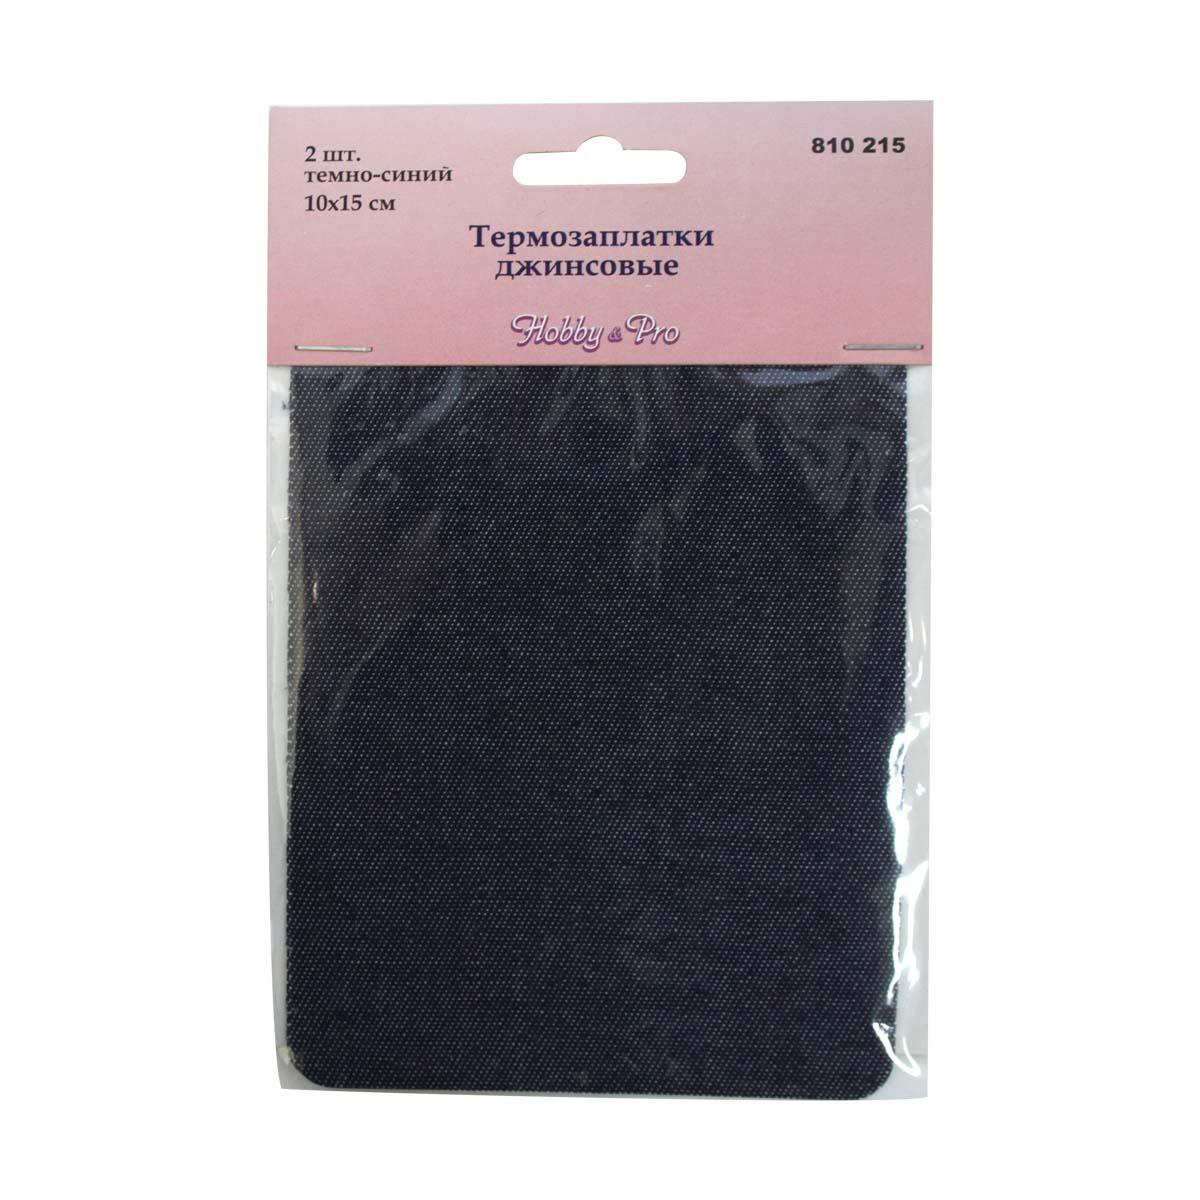 Термозаплатки джинсовые , тёмно-синий 2 шт. 810215, Hobby&Pro